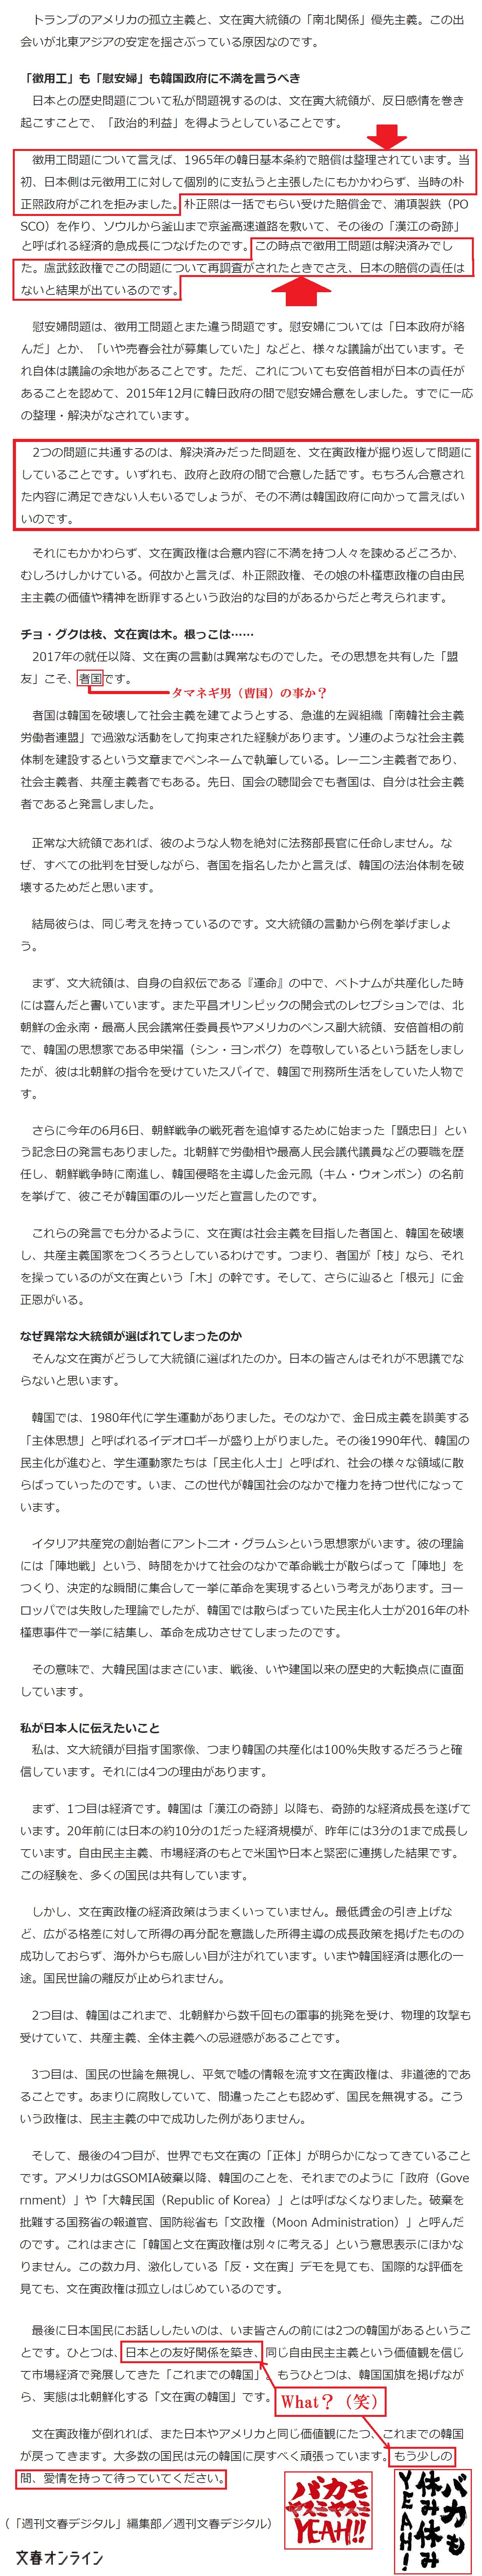 元朝鮮人陸軍中将が用日発言_2